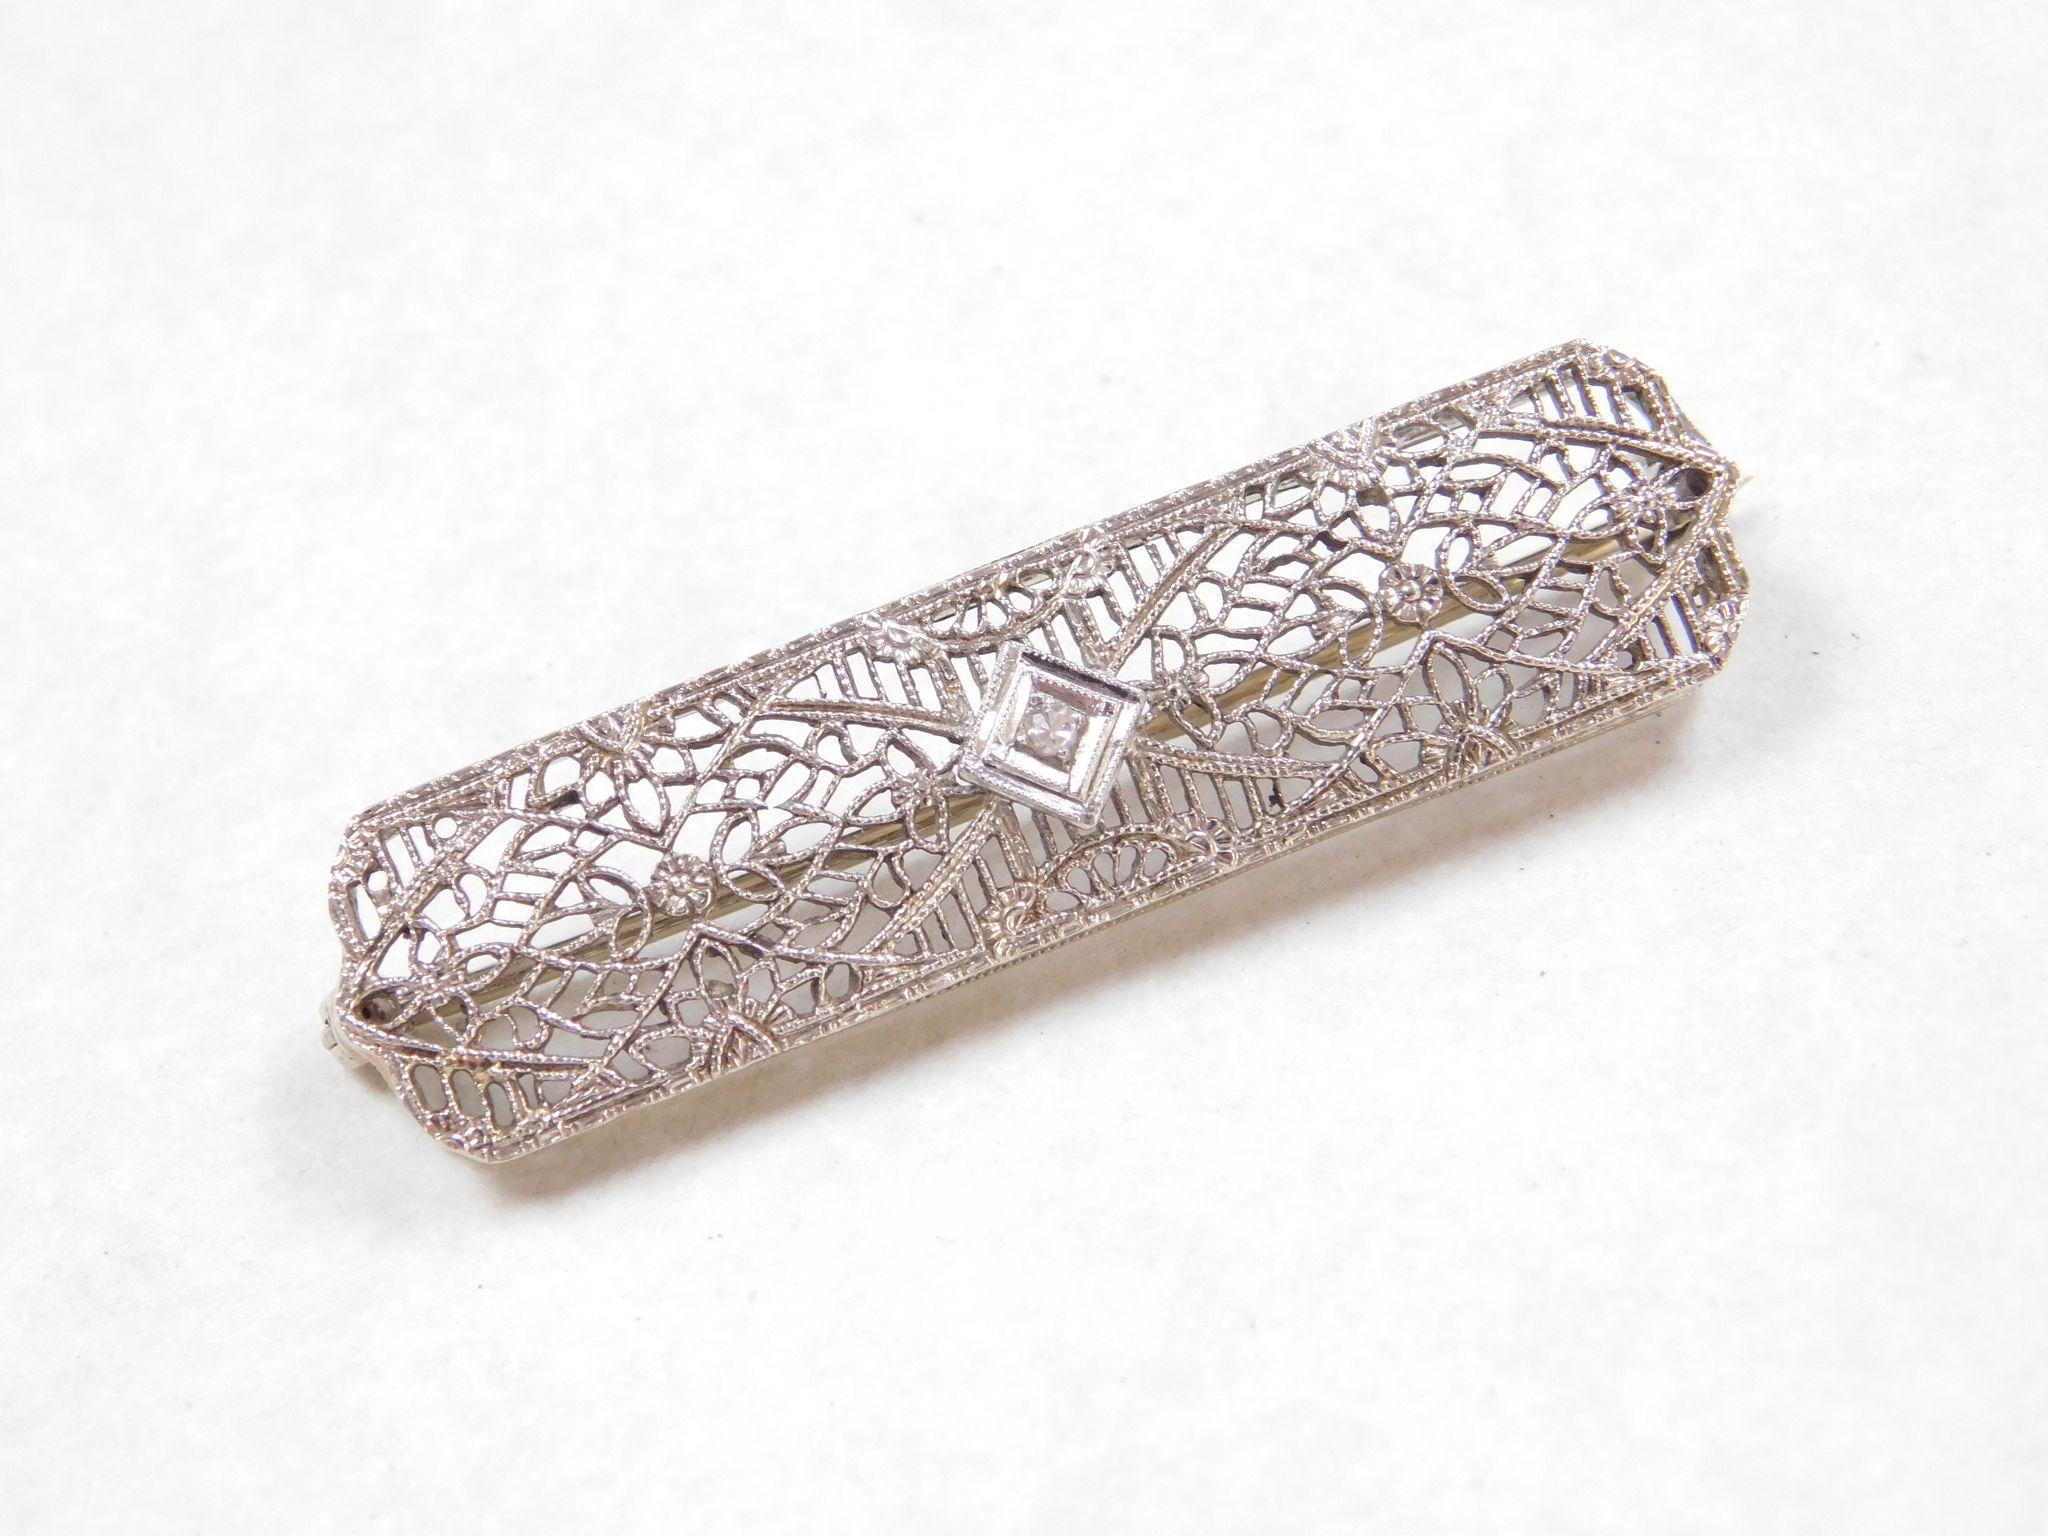 Art Deco 14k White Gold Filigree Brooch / Pin DIAMOND Accent